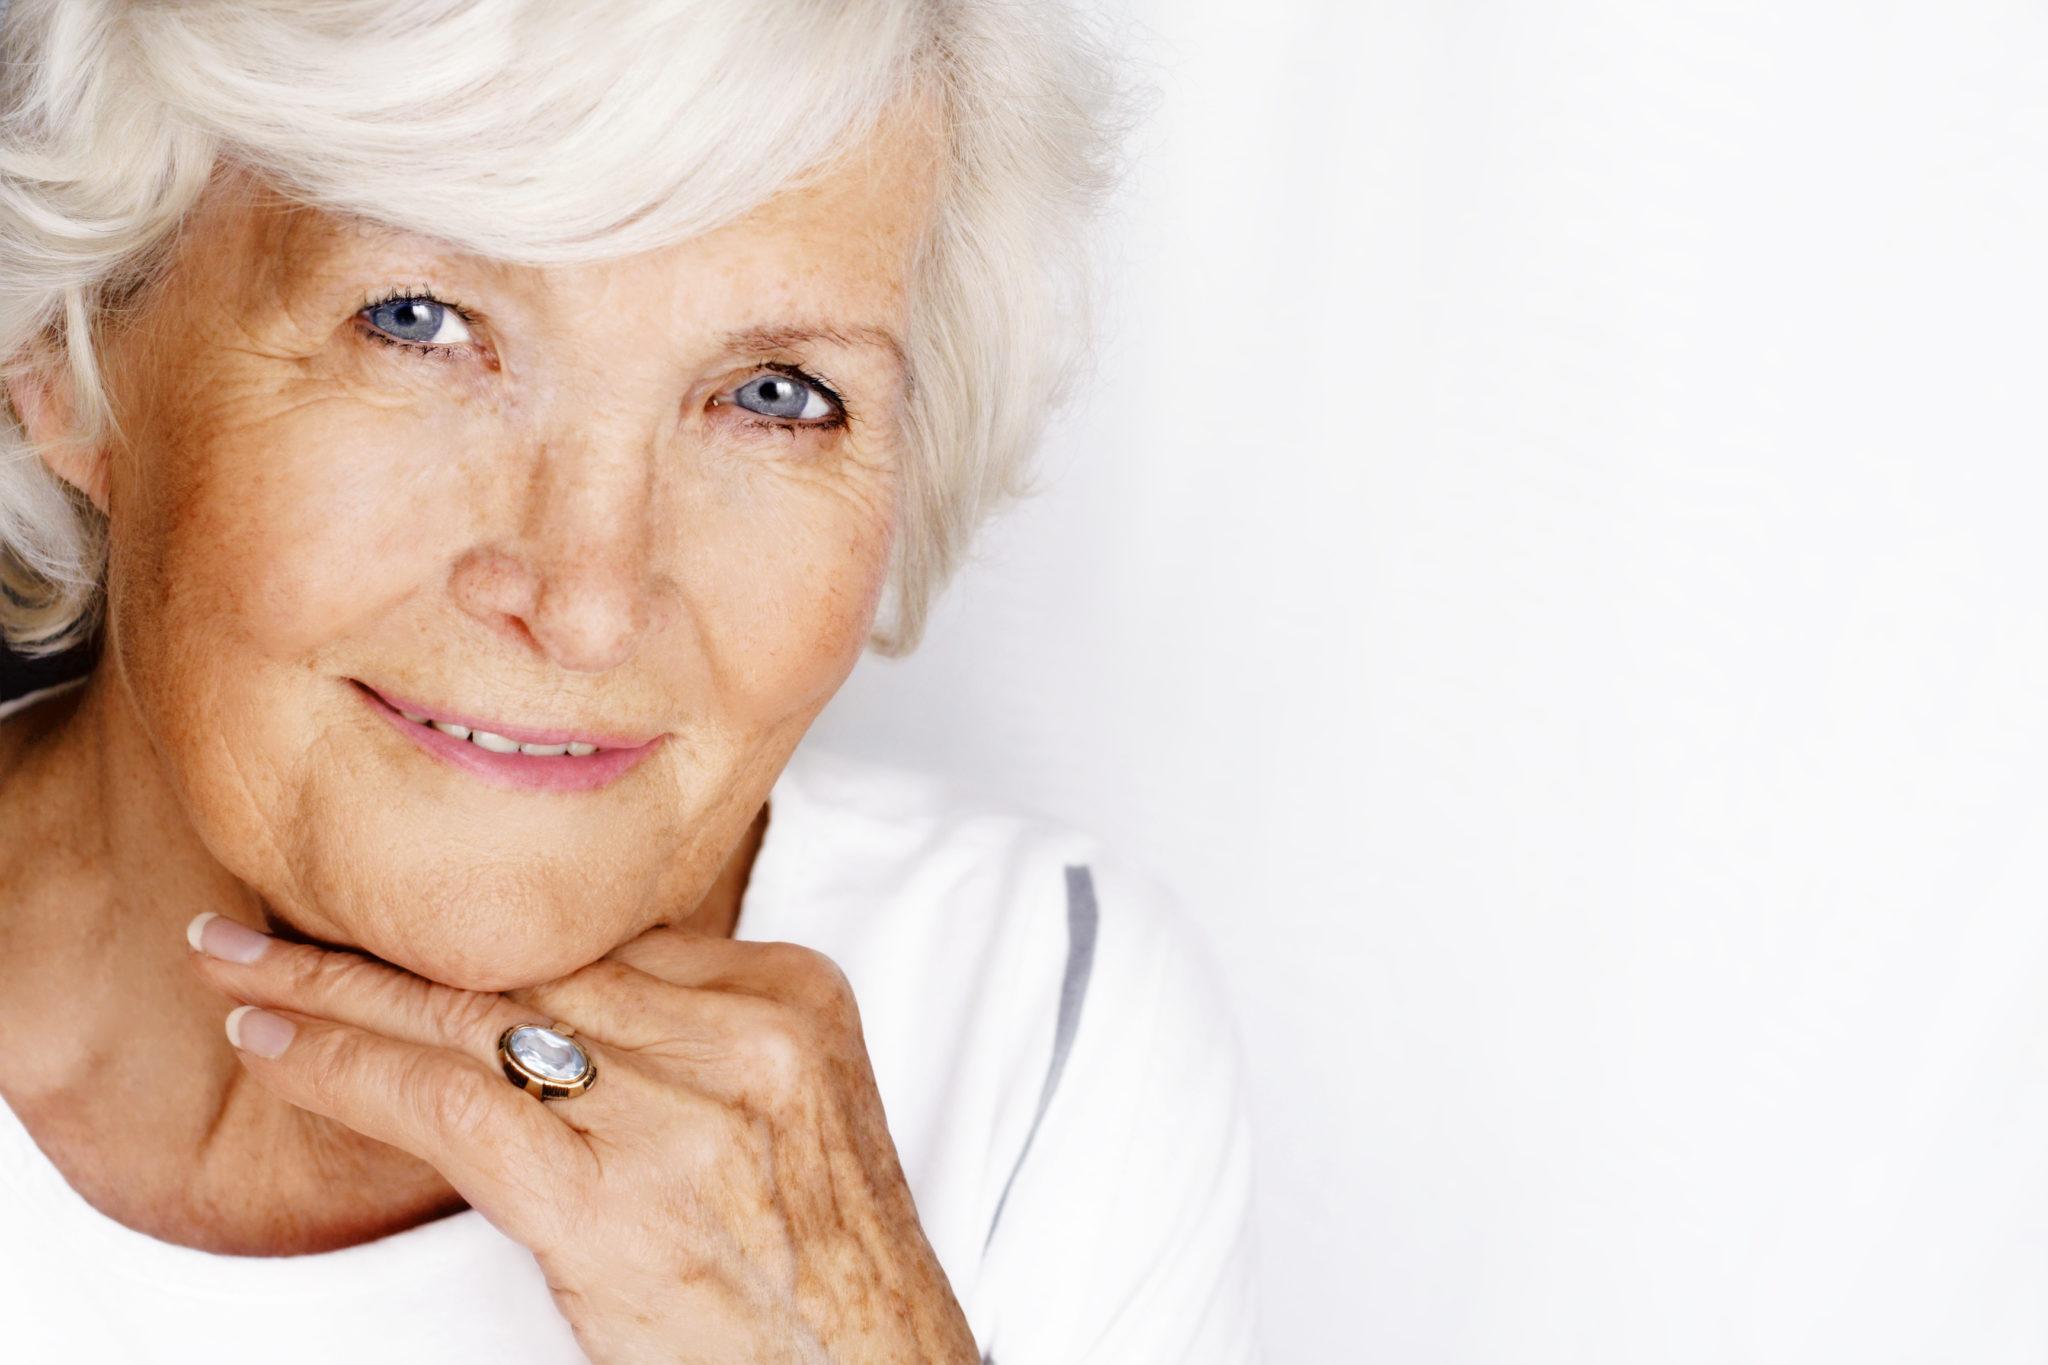 Размеры груди пожилых женщин 8 фотография